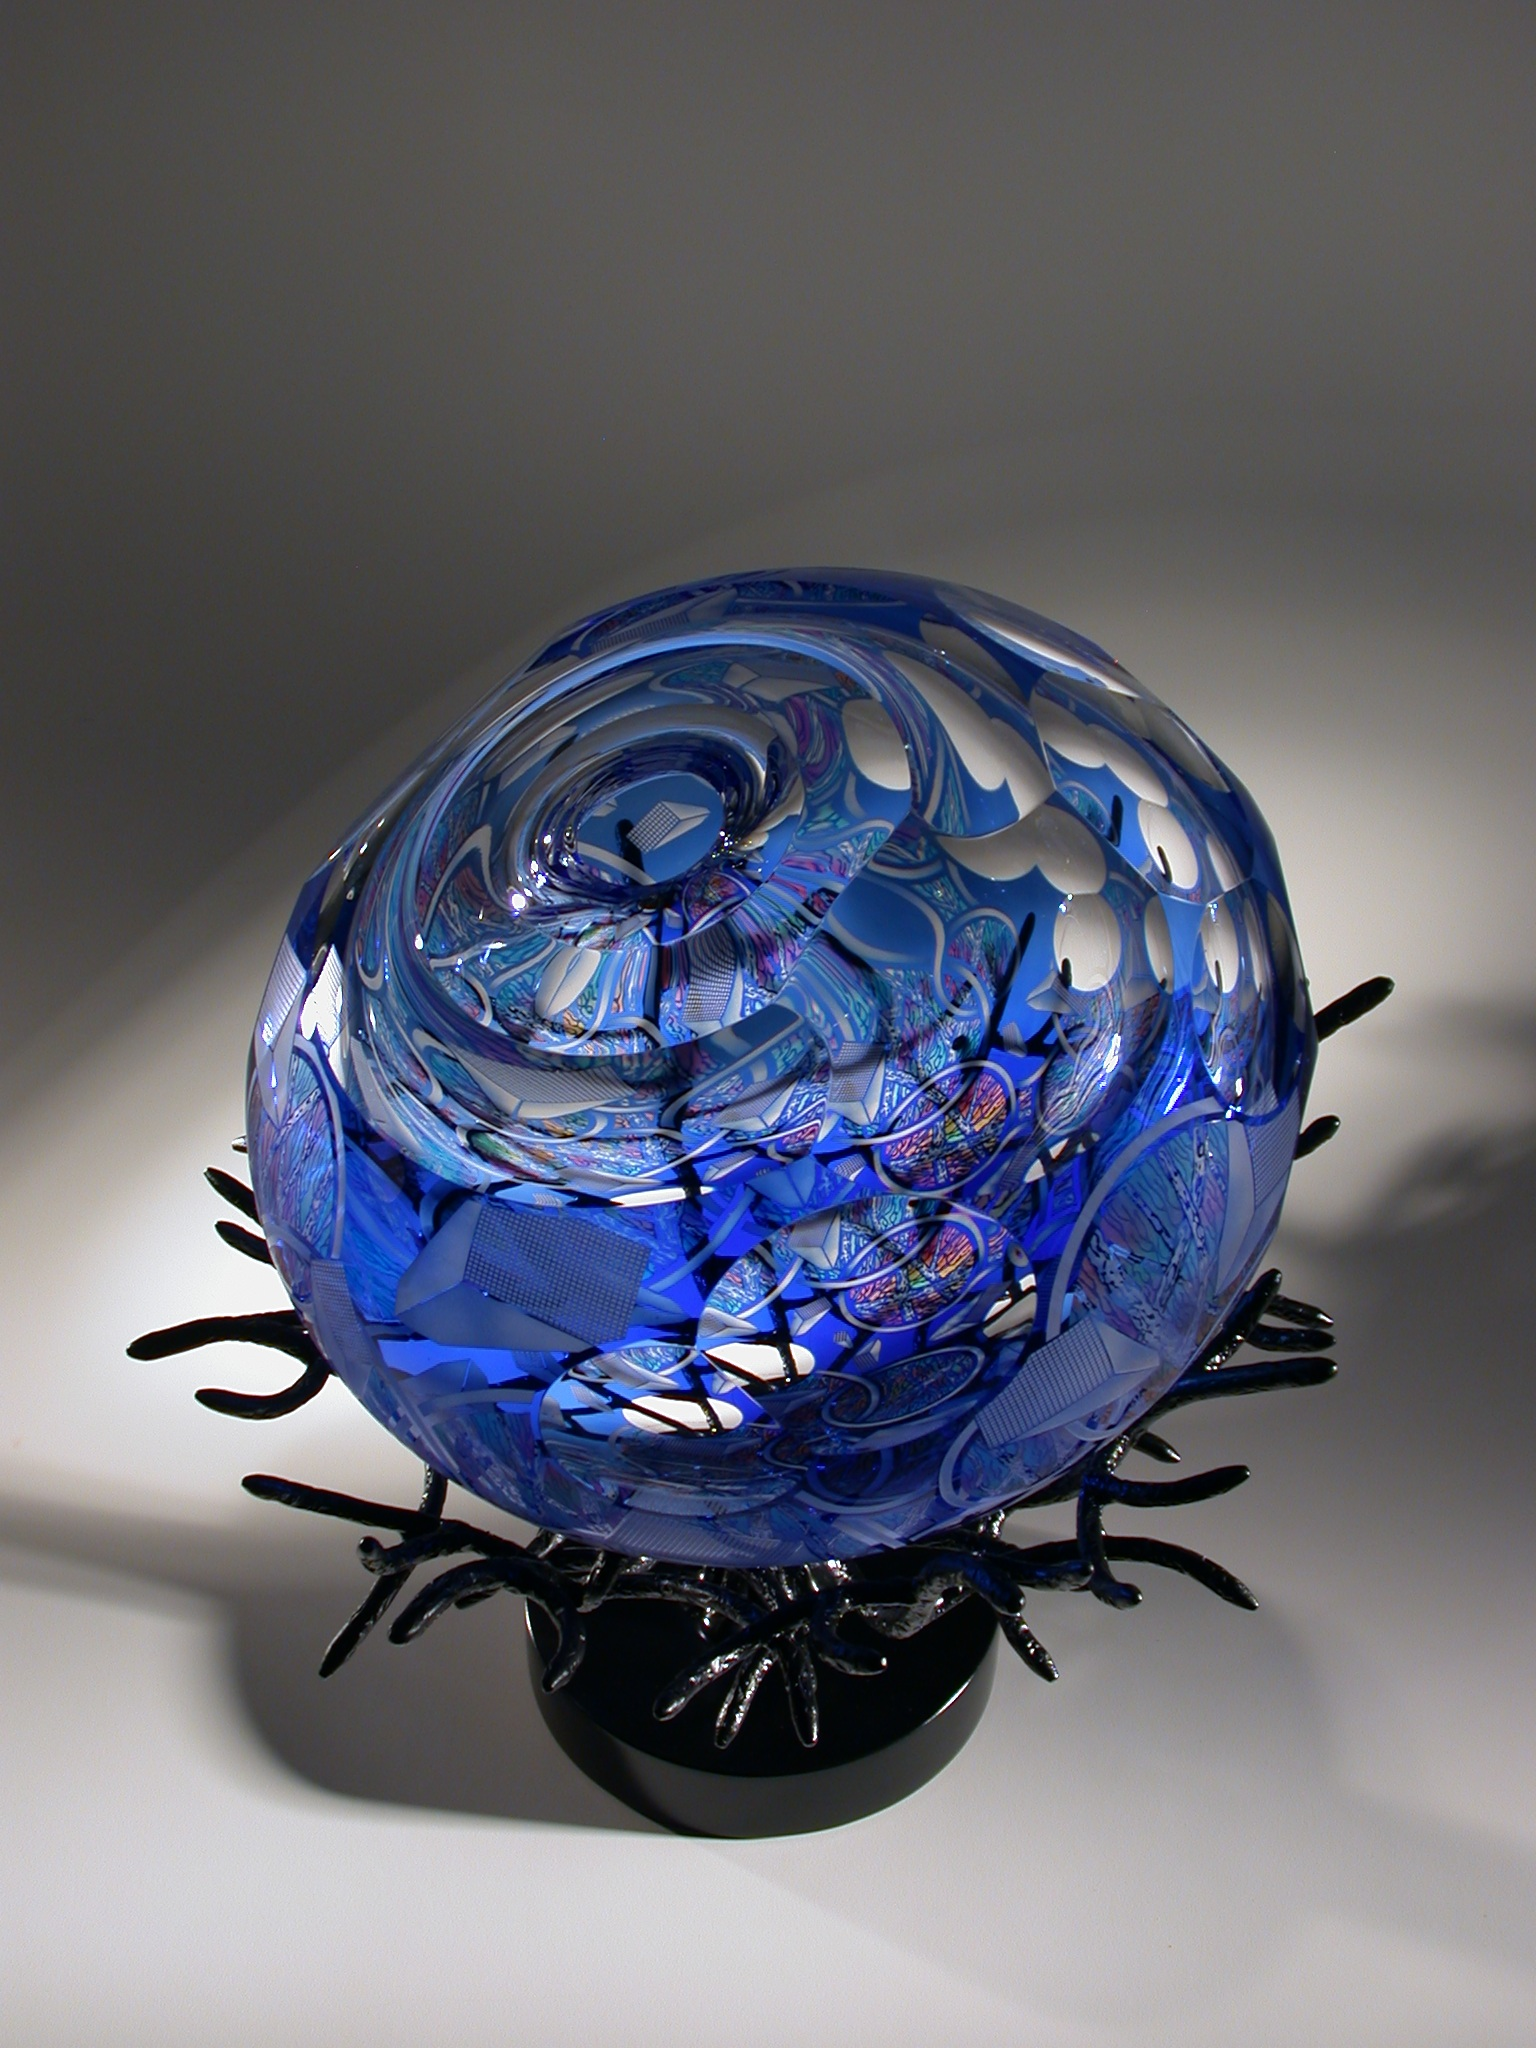 Glass art by David Schwarz